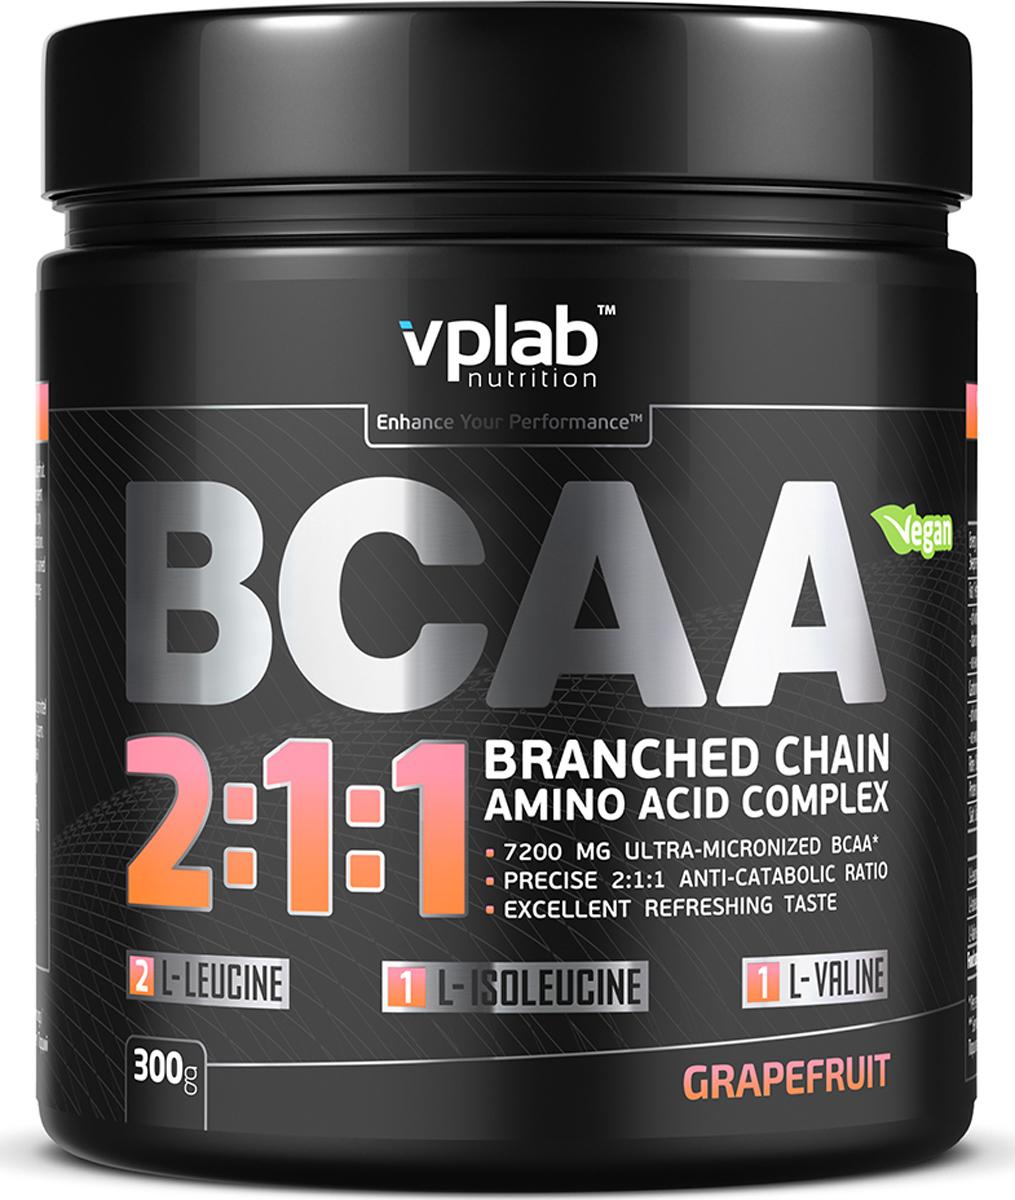 Аминокислотный комплекс Vplab BCAA 2:1:1, грейпфрут, 300 г athletic nutrition bcaa 300 г